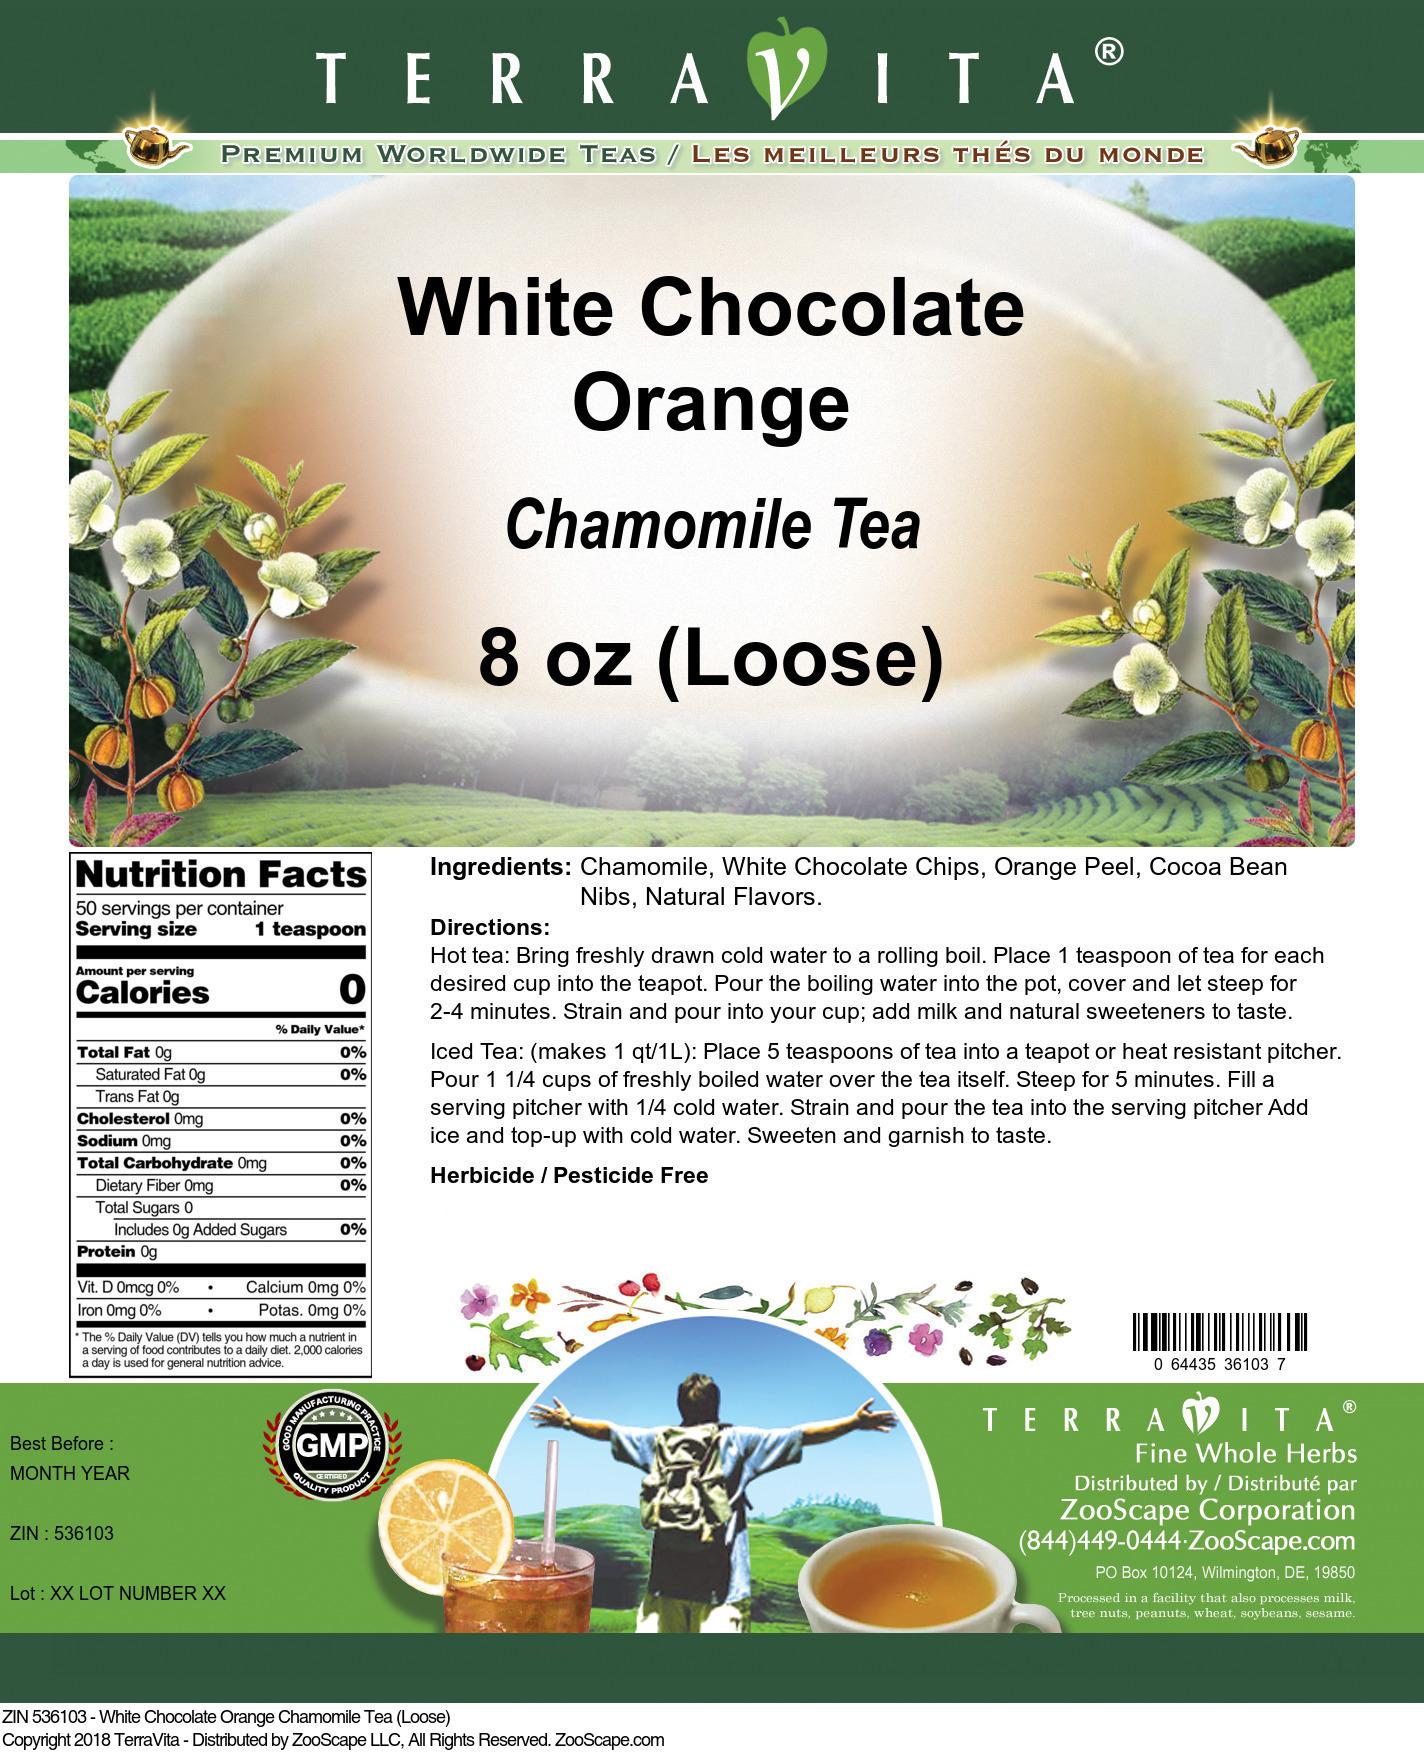 White Chocolate Orange Chamomile Tea